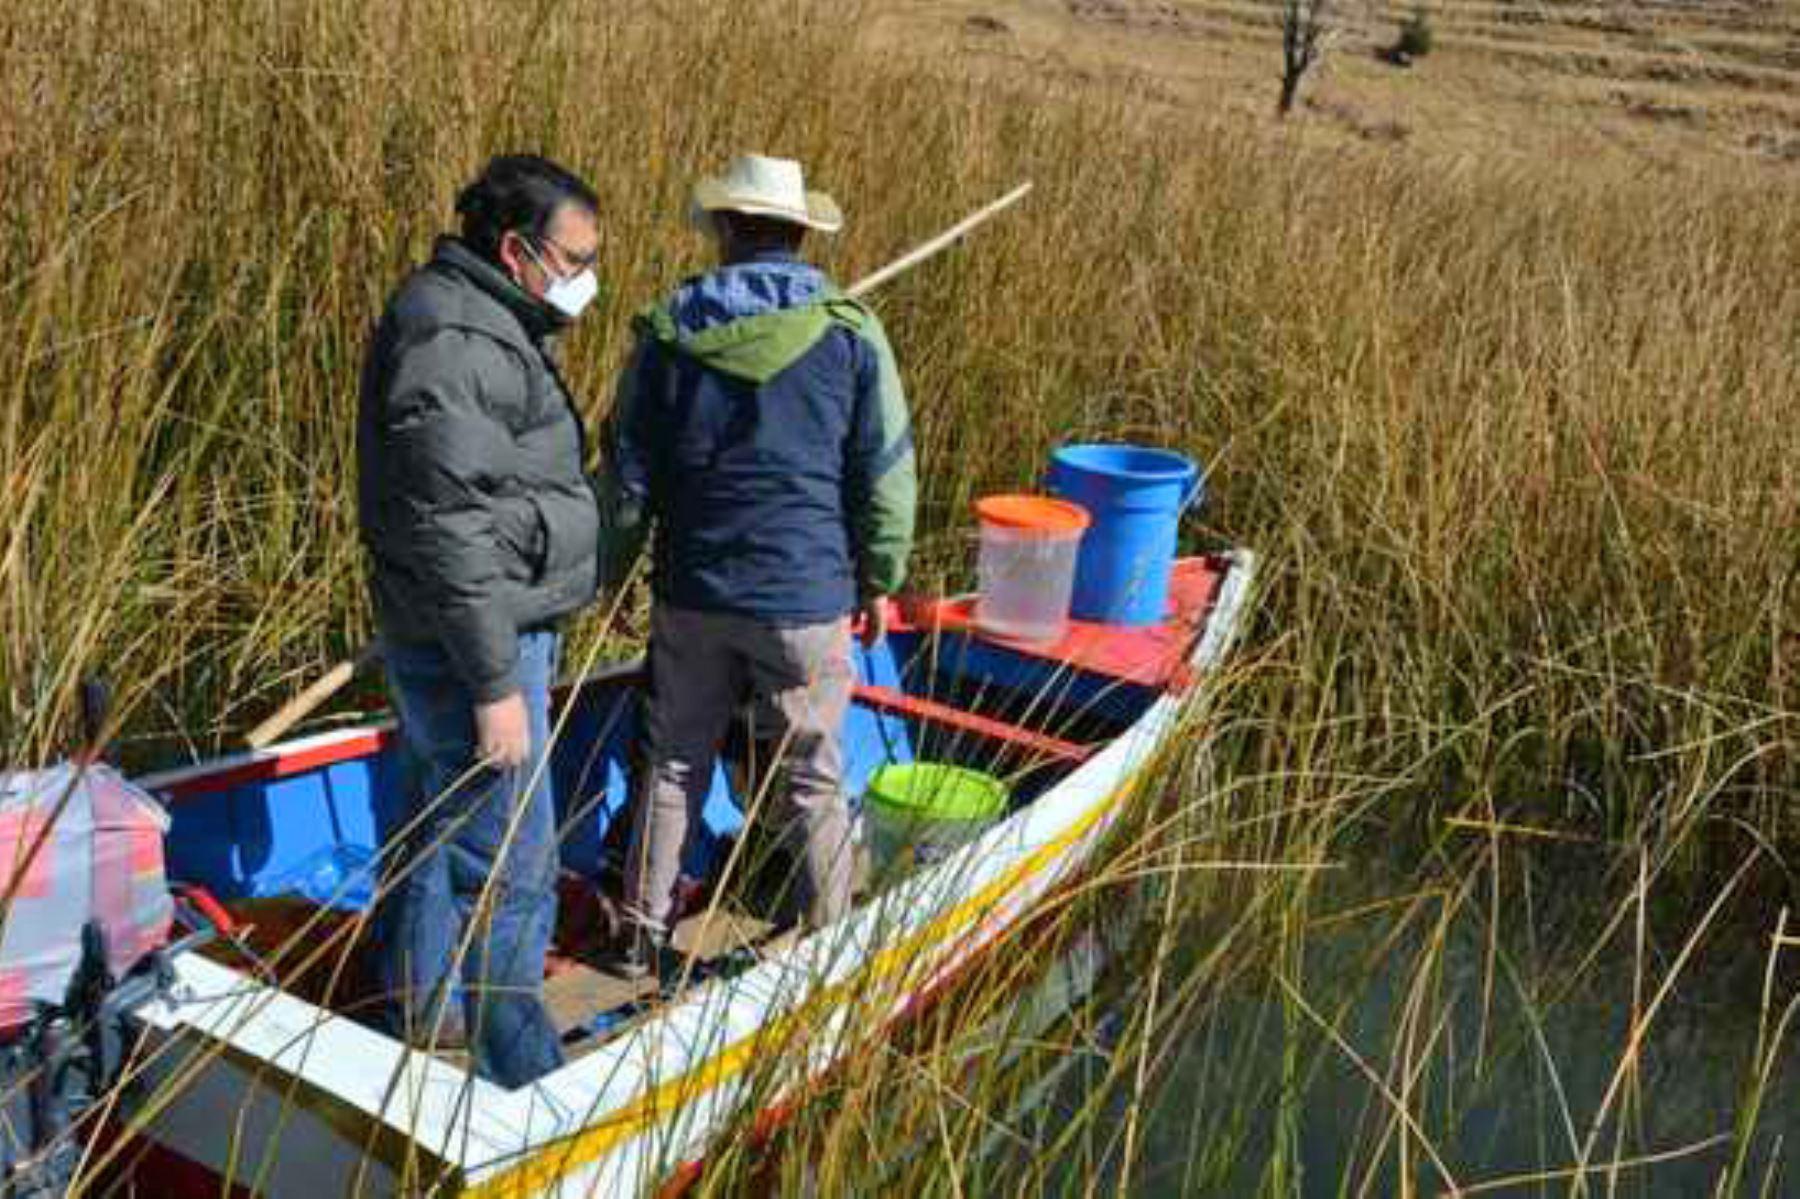 El Proyecto Especial Binacional Lago Titicaca siembra alevines de mauri en las islas de Ccana y Suana. Foto: ANDINA/Difusión